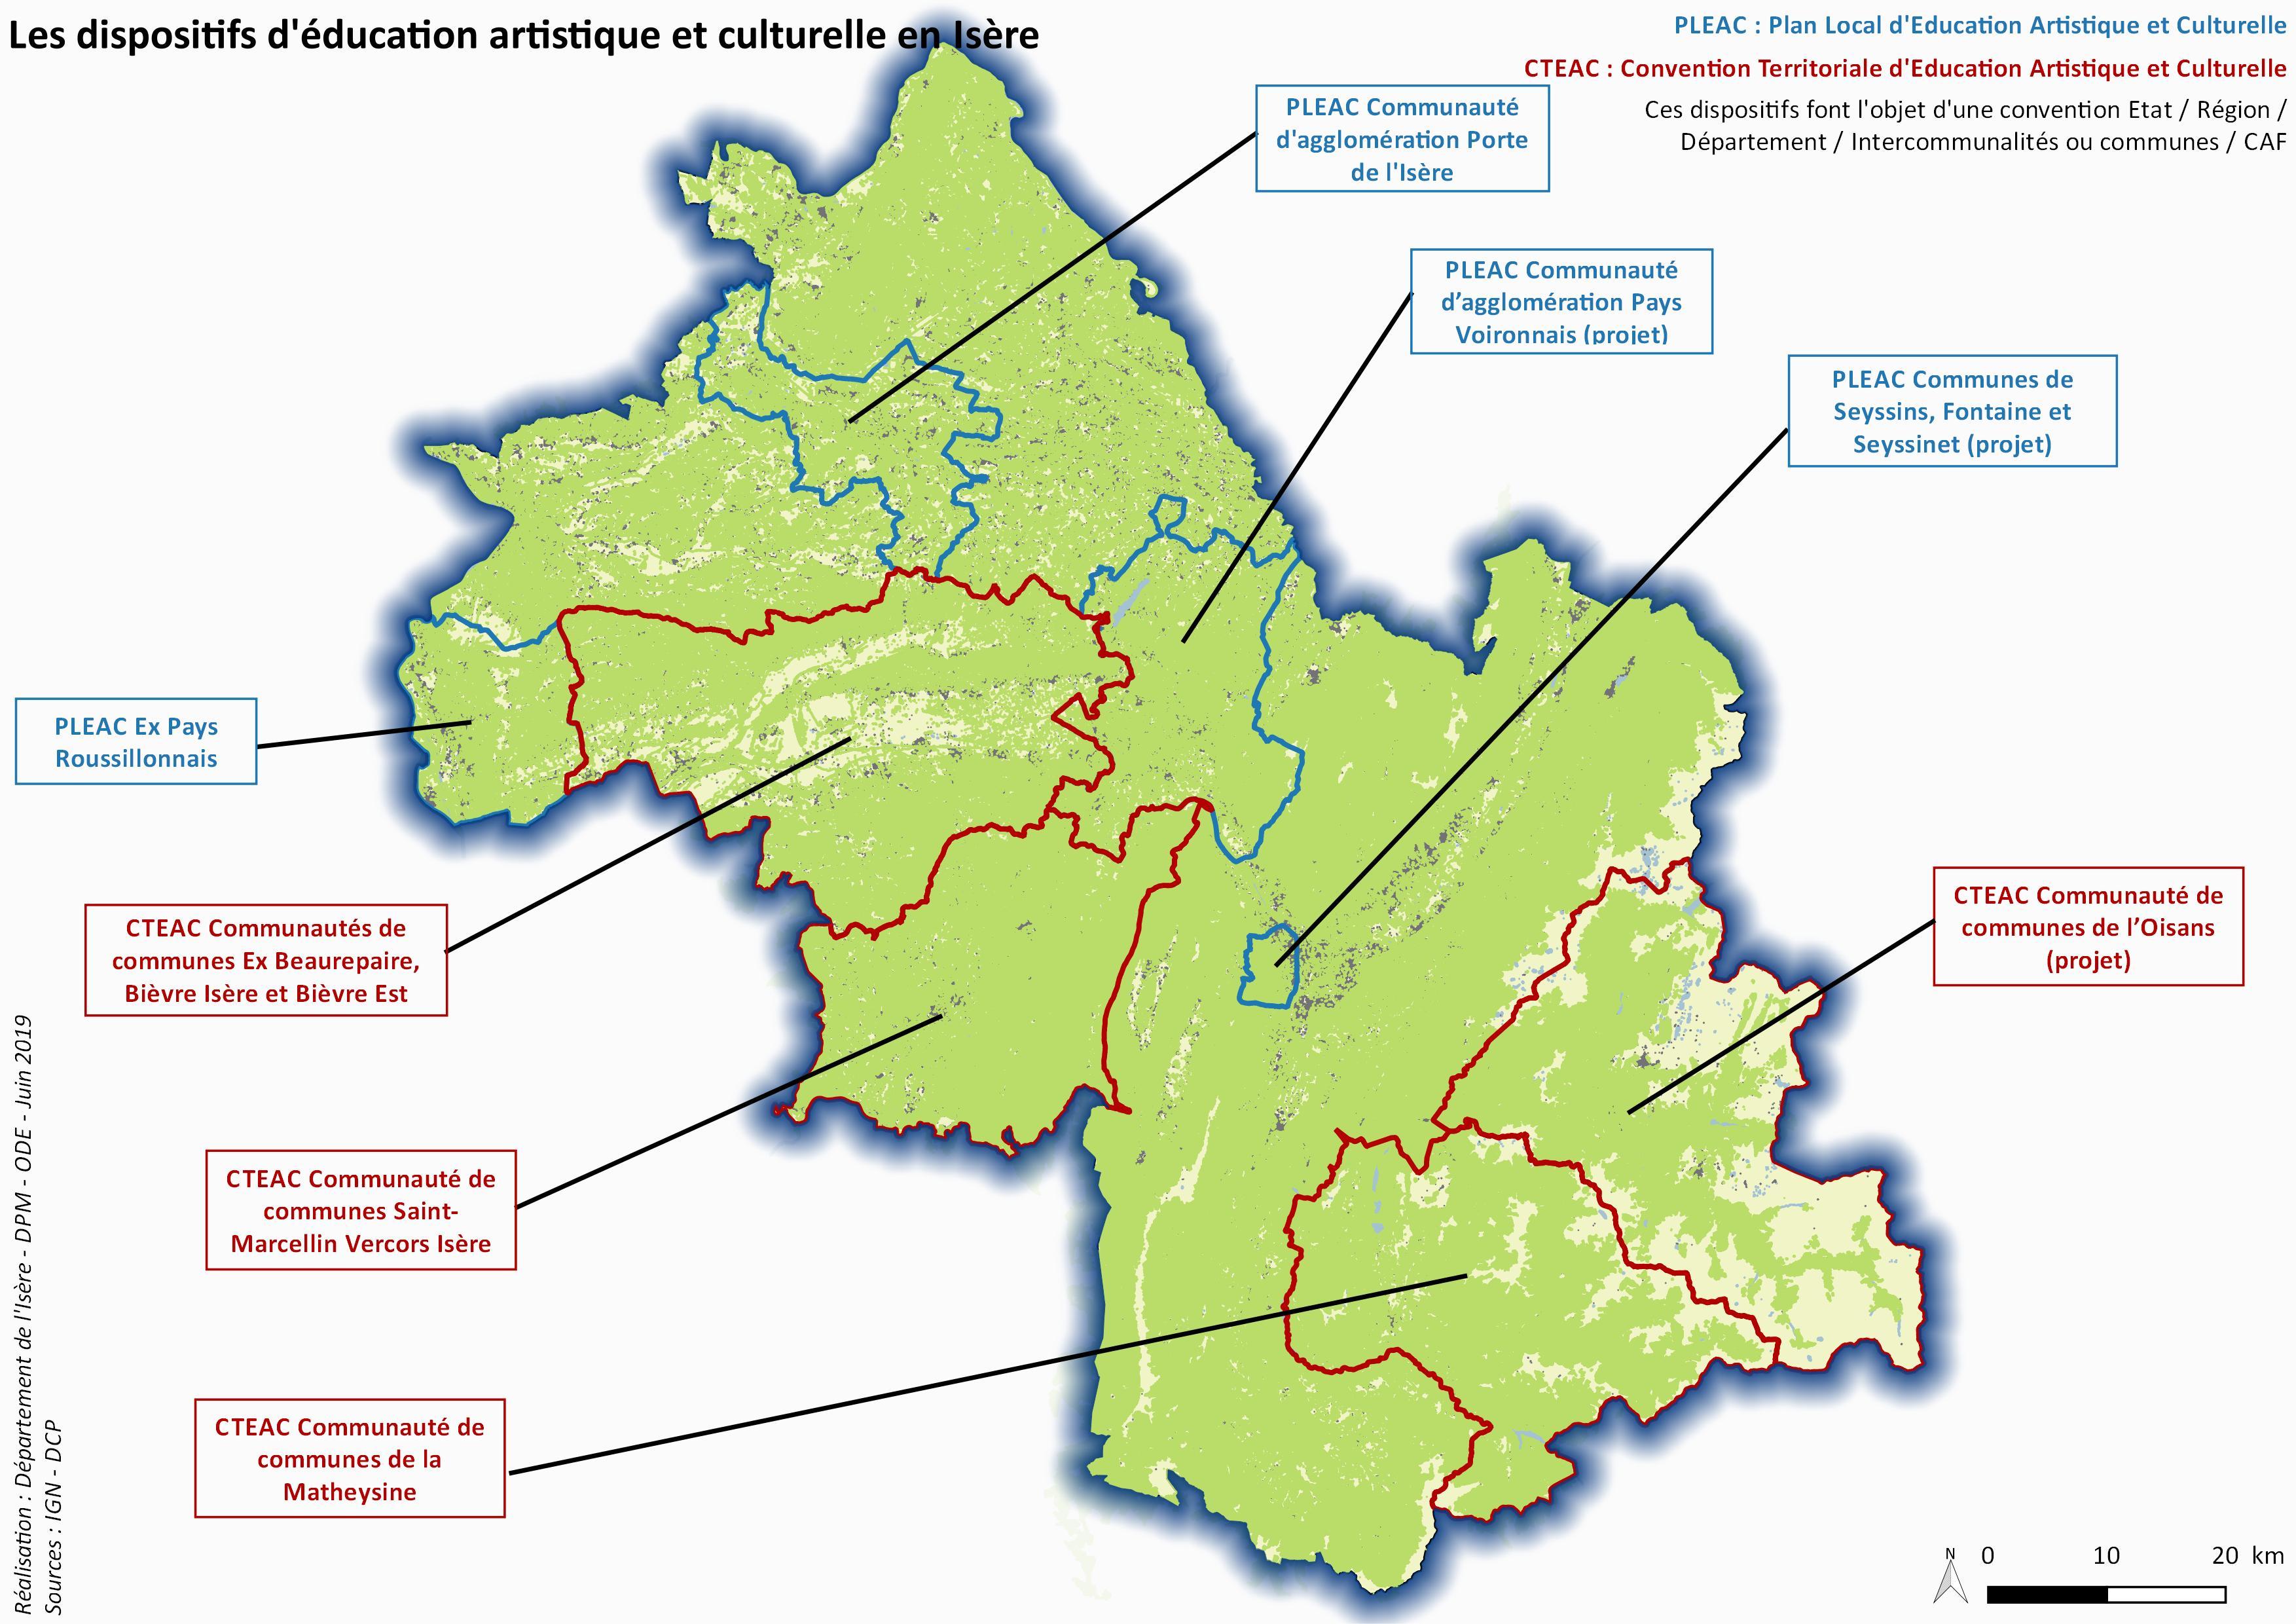 Cartographie des PLEAC/CTEAC de l'Isère